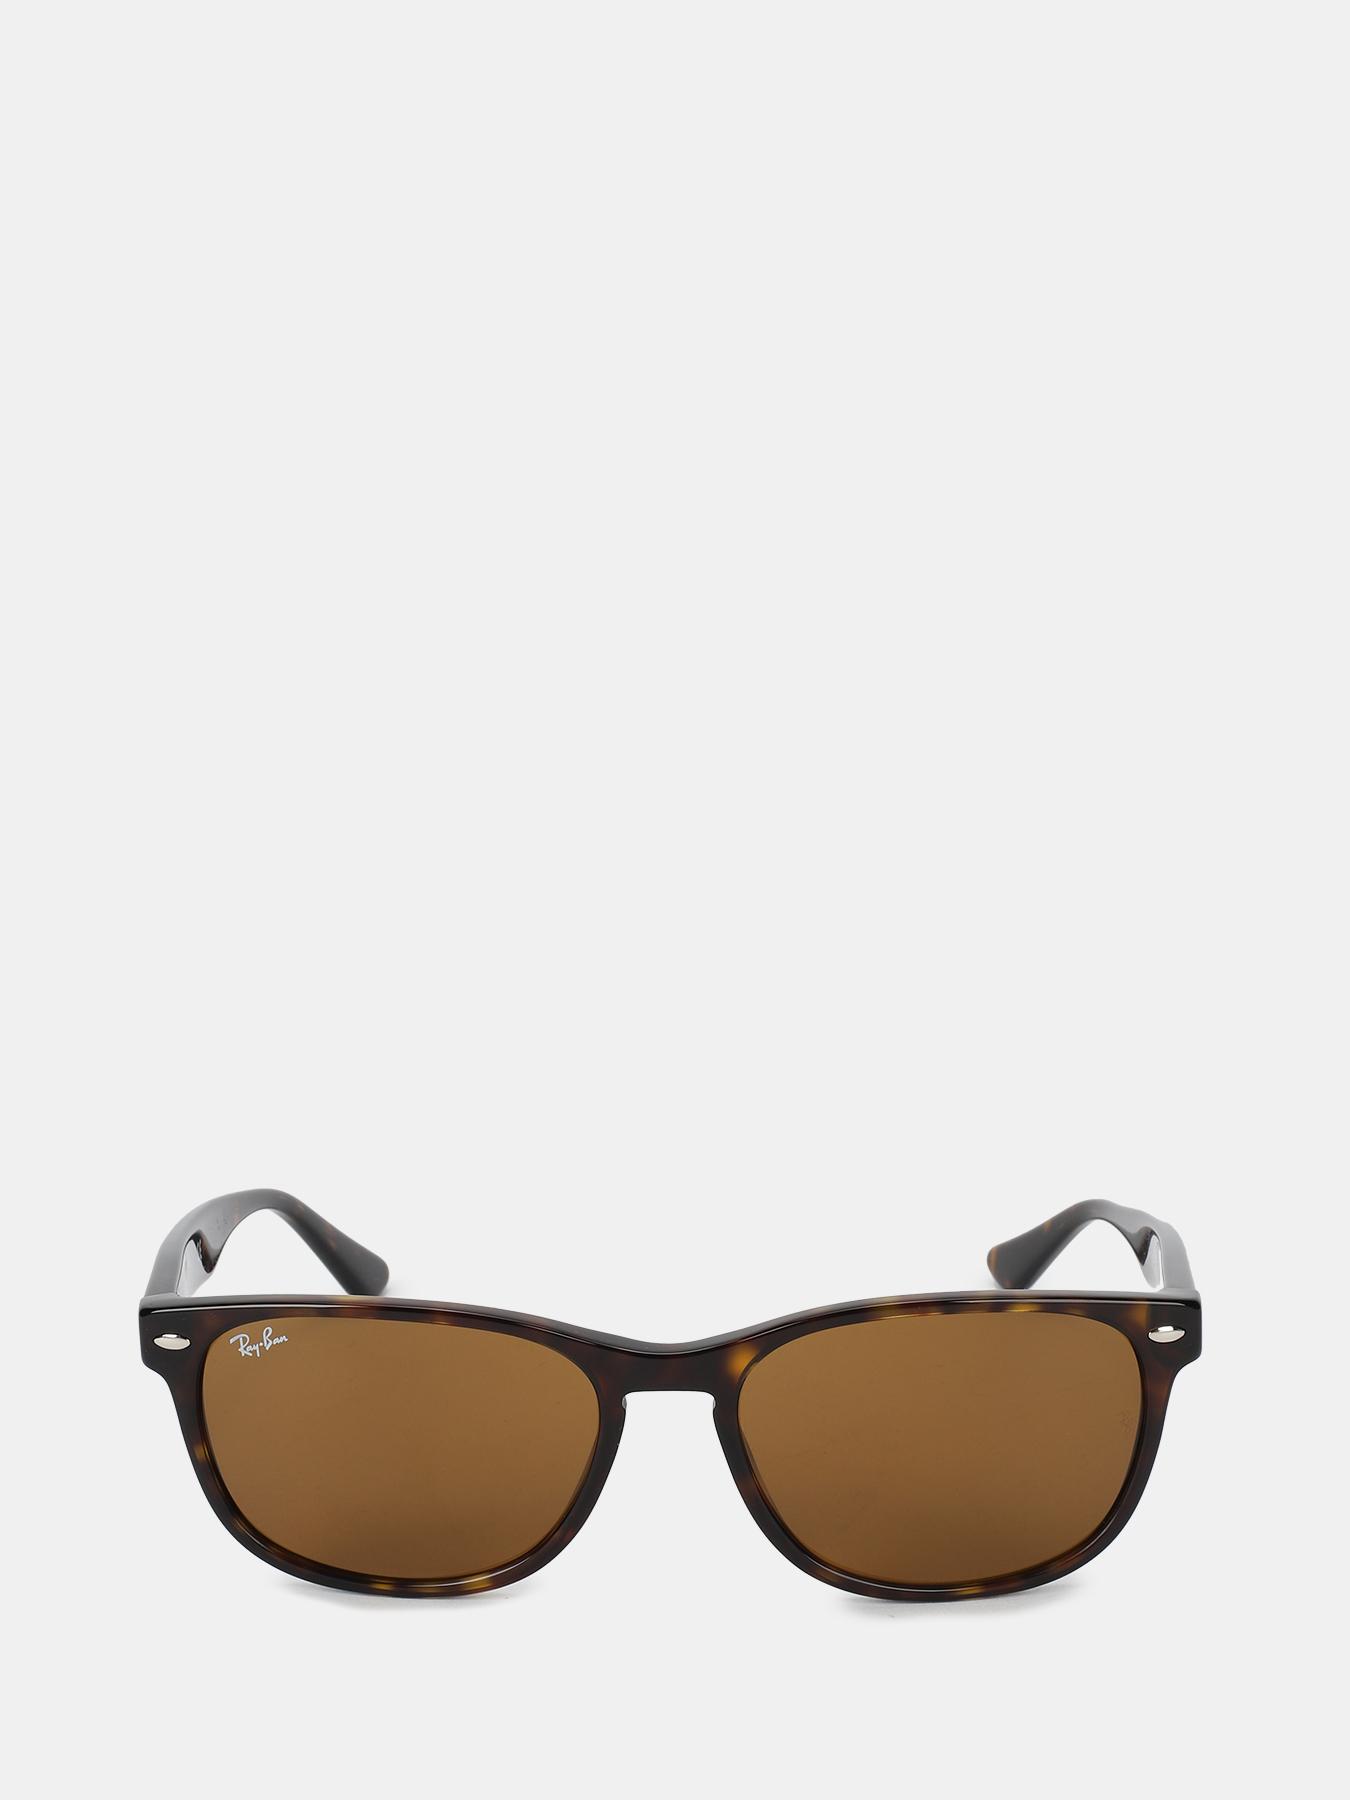 Очки Ray-Ban Солнцезащитные очки очки солнцезащитные oodji oodji oo001dwlxd27